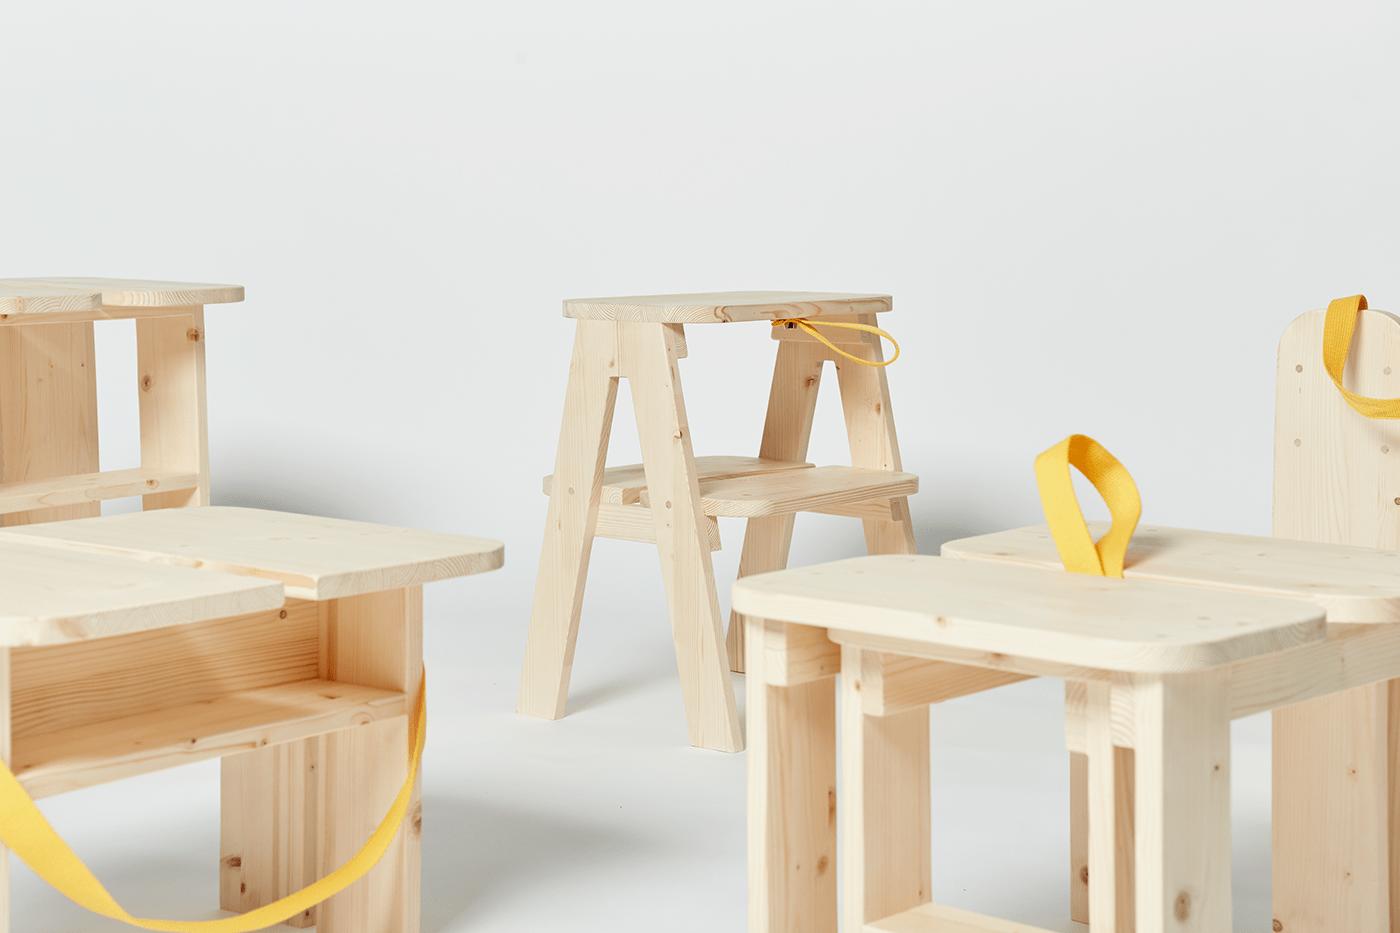 editorial design  furniture design  graphic design  industrial design